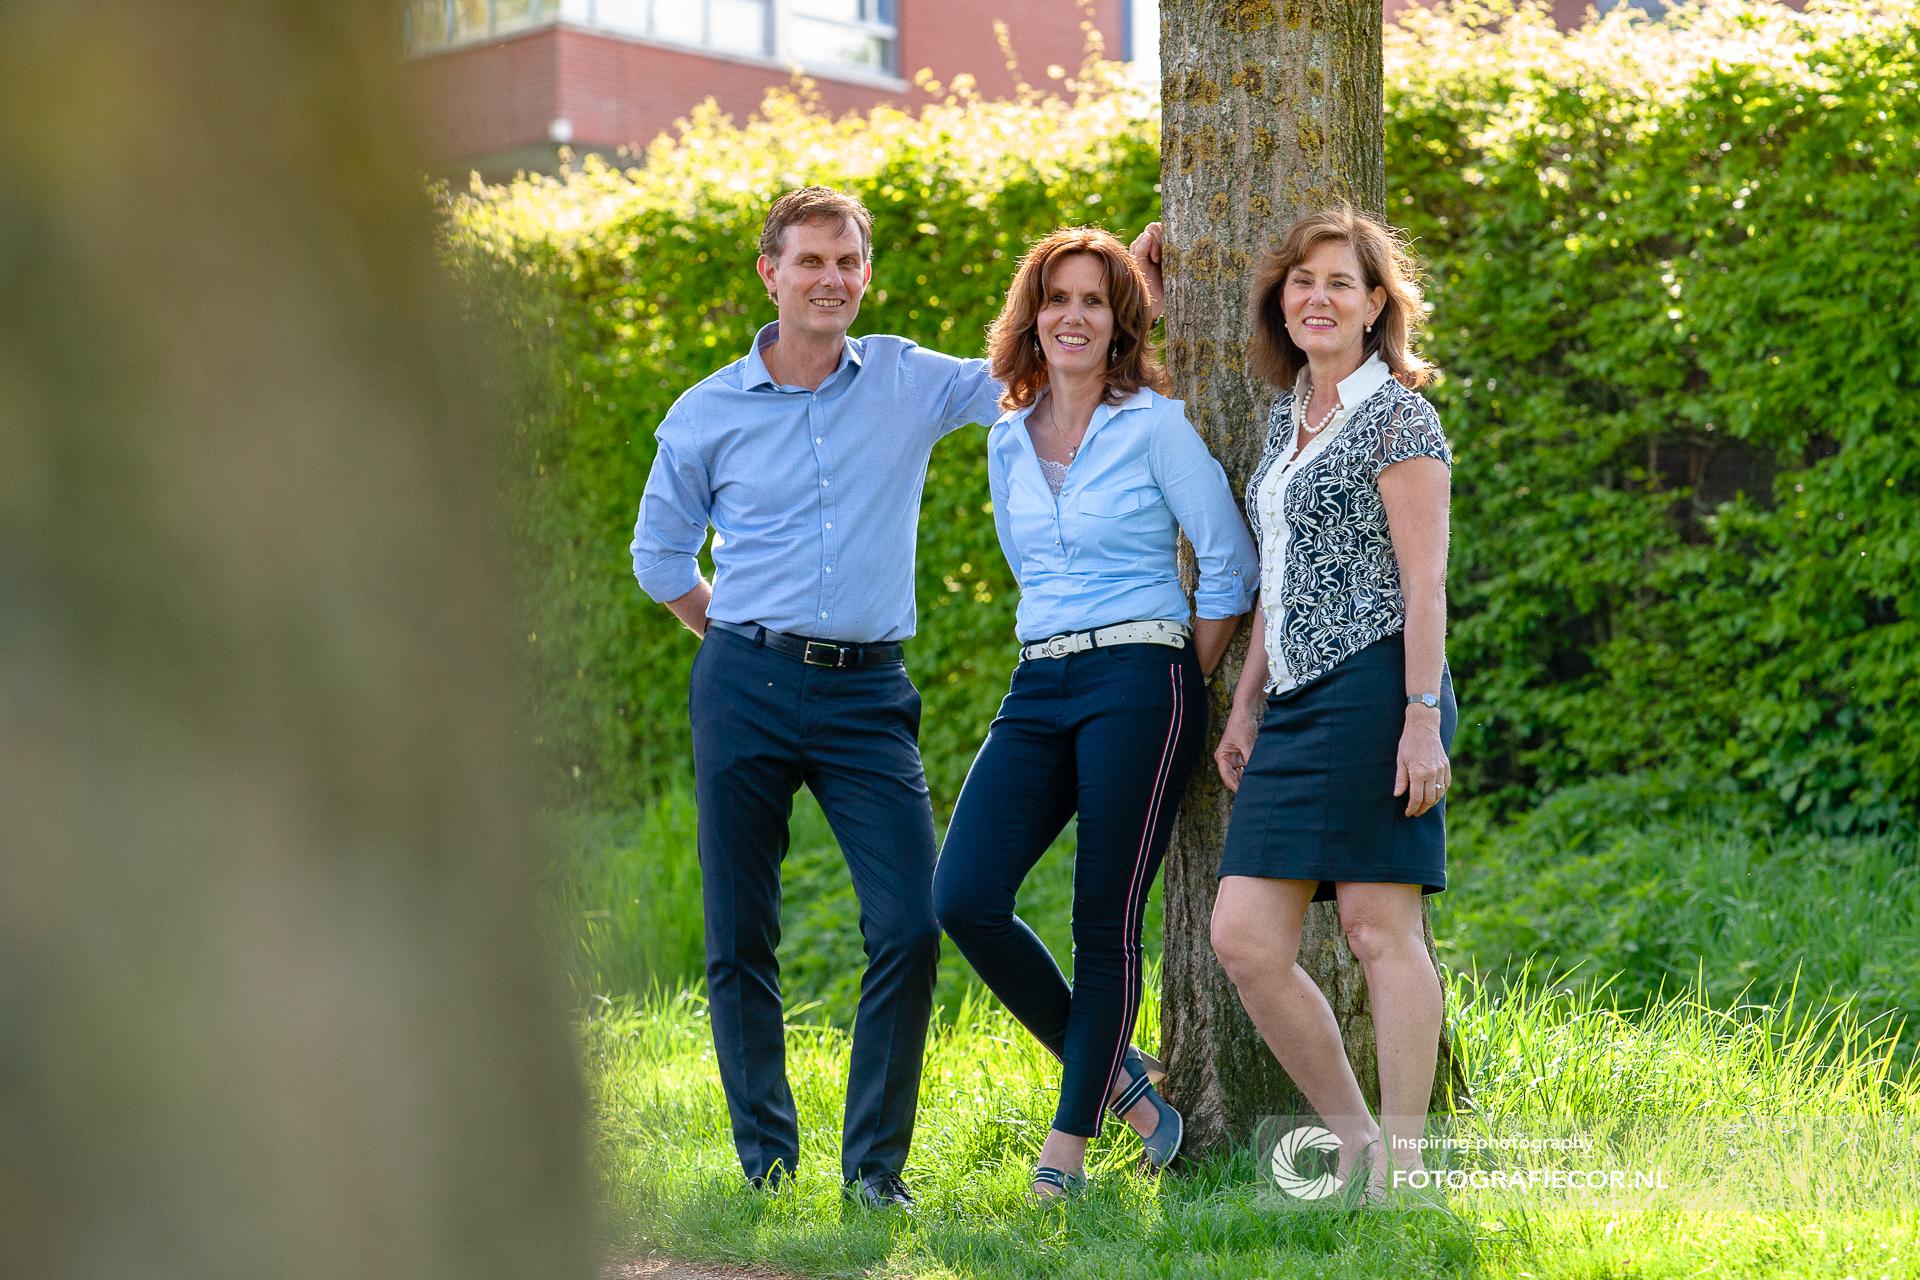 Familiefoto | Broers | Zussen | Gezin | portretfotografie | fotoshoot | Kampen | familie fotoshoot op locatie